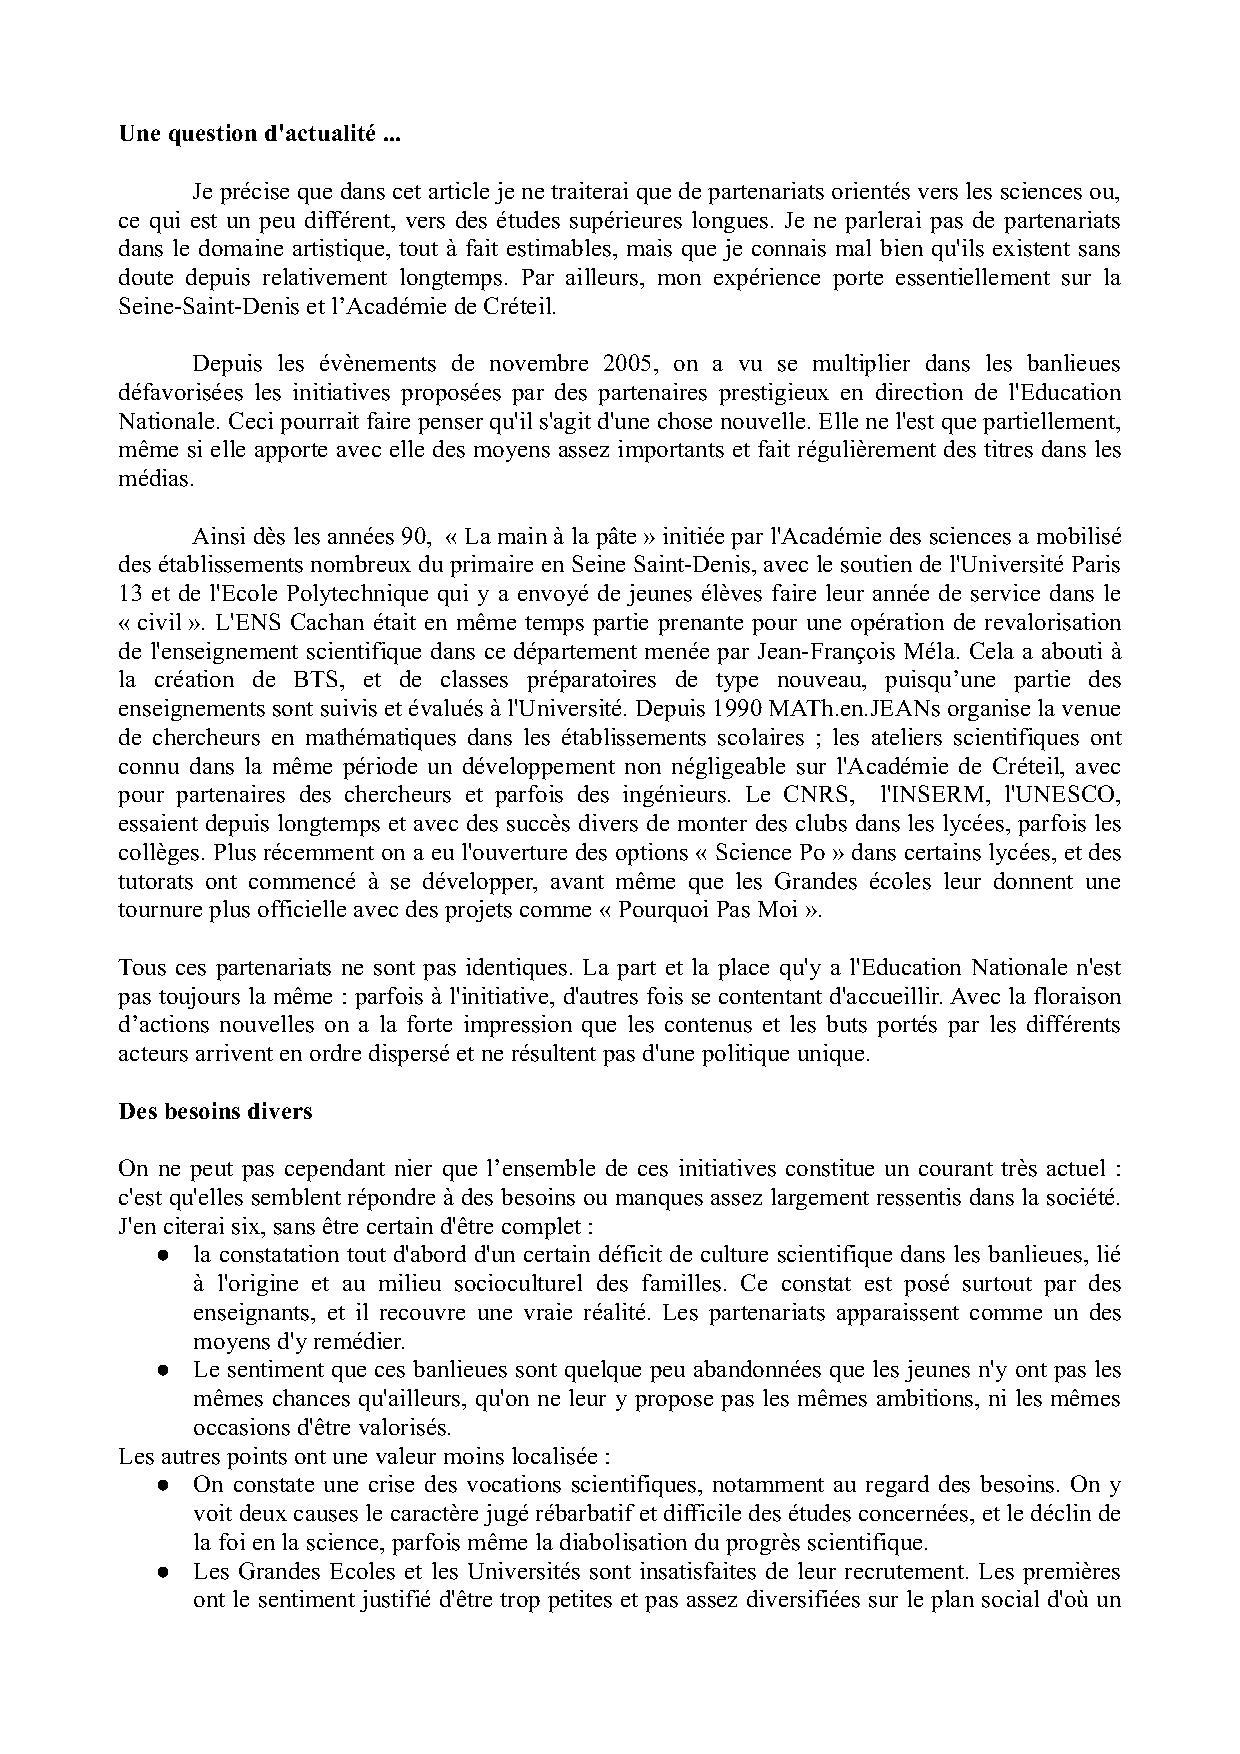 articlepartenariats2.jpg